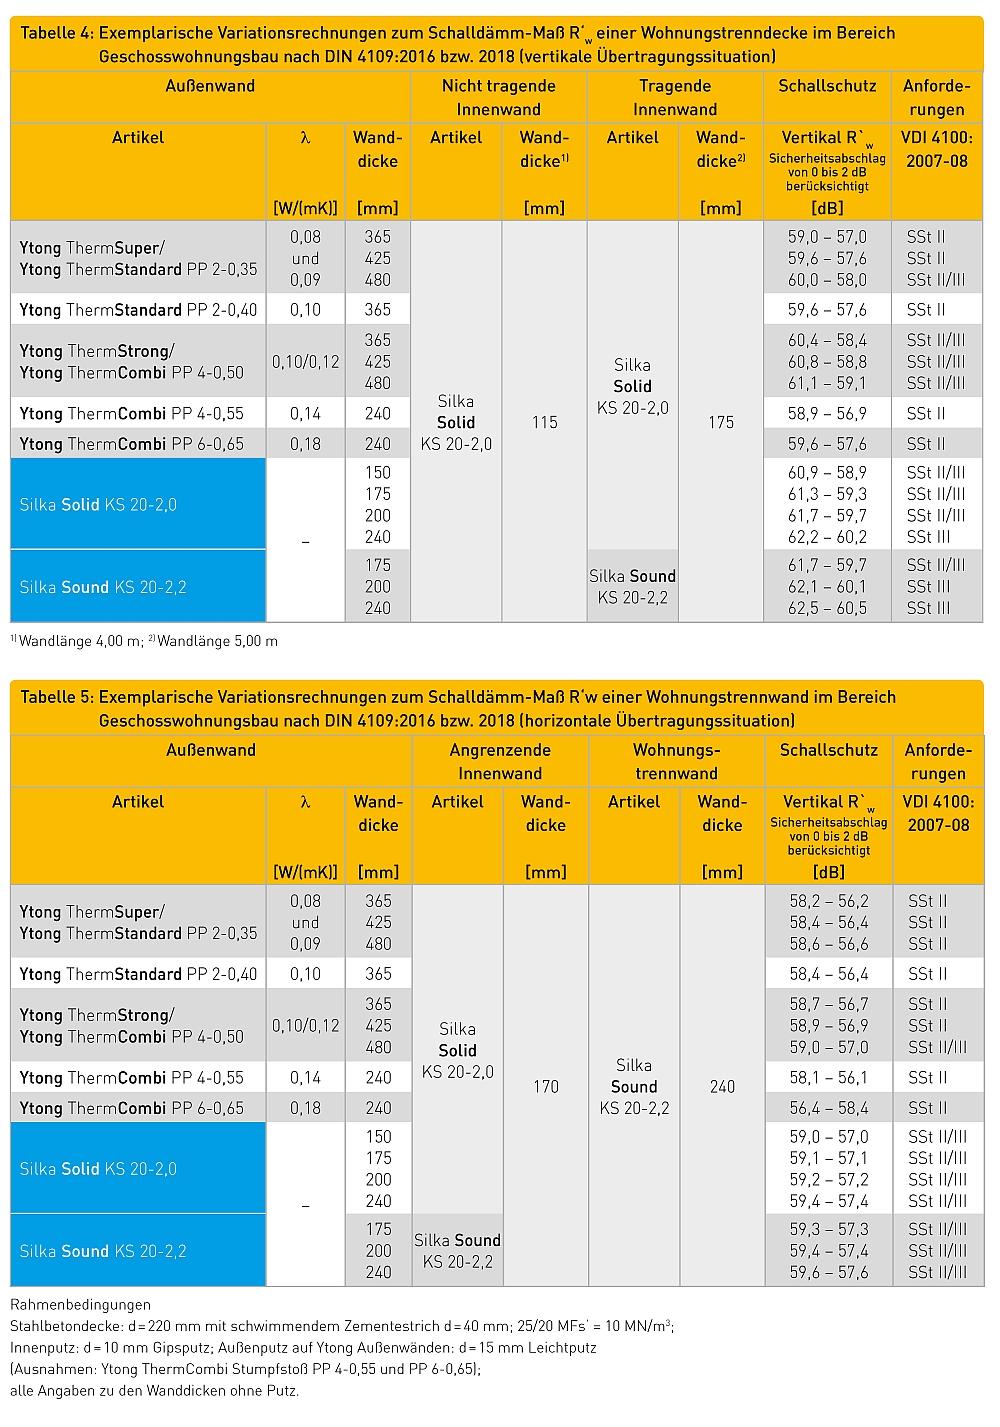 Exemplarische Variationsrechnungen zum Schalldämm-Maß